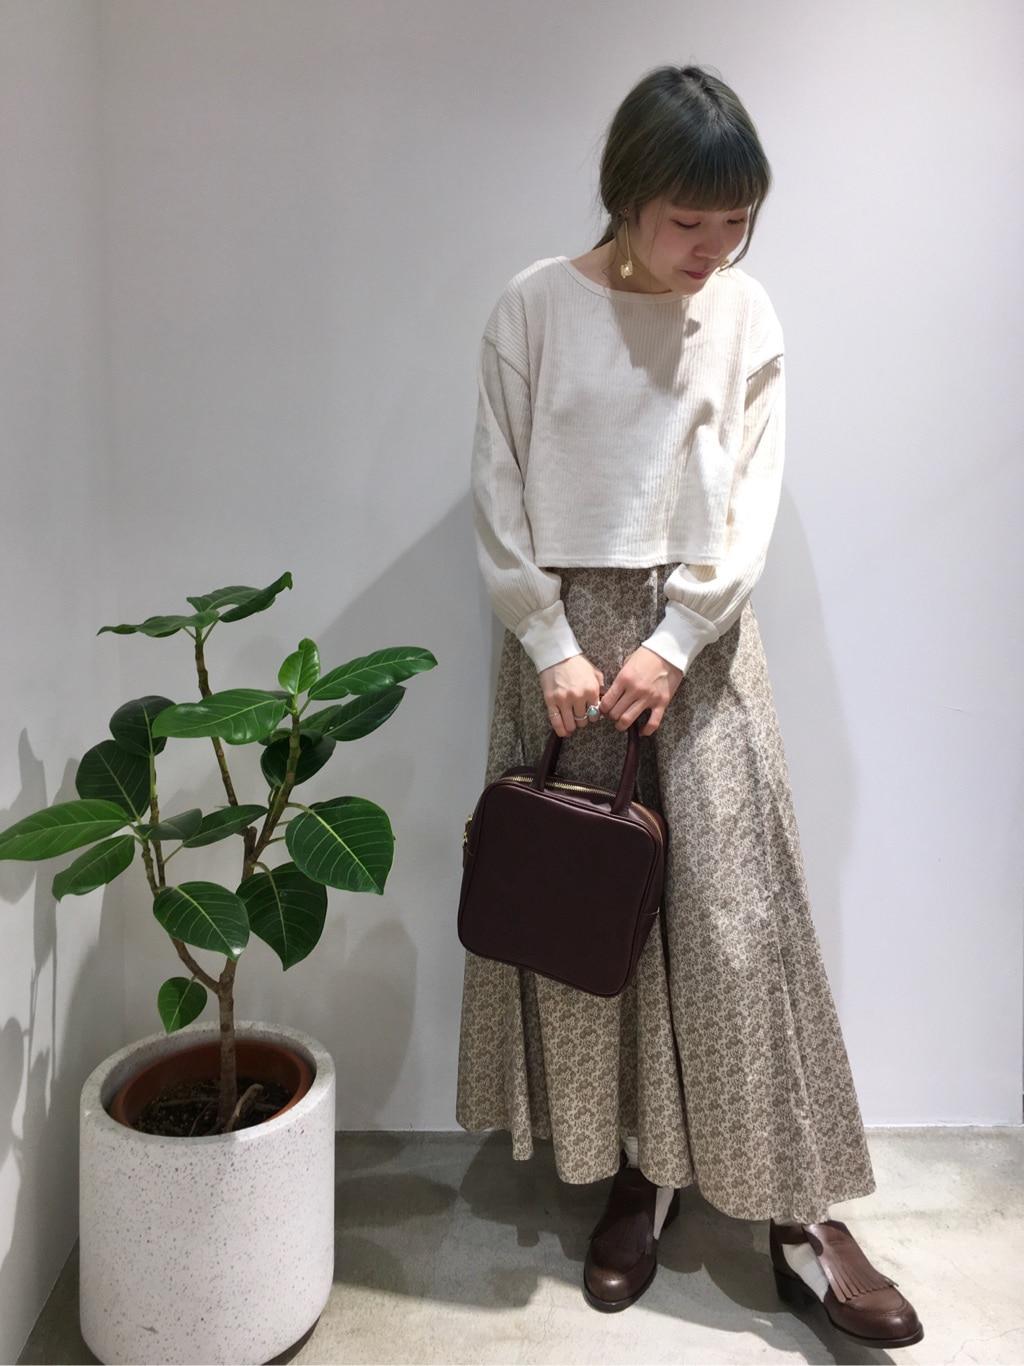 ルクア大阪 2021.04.15